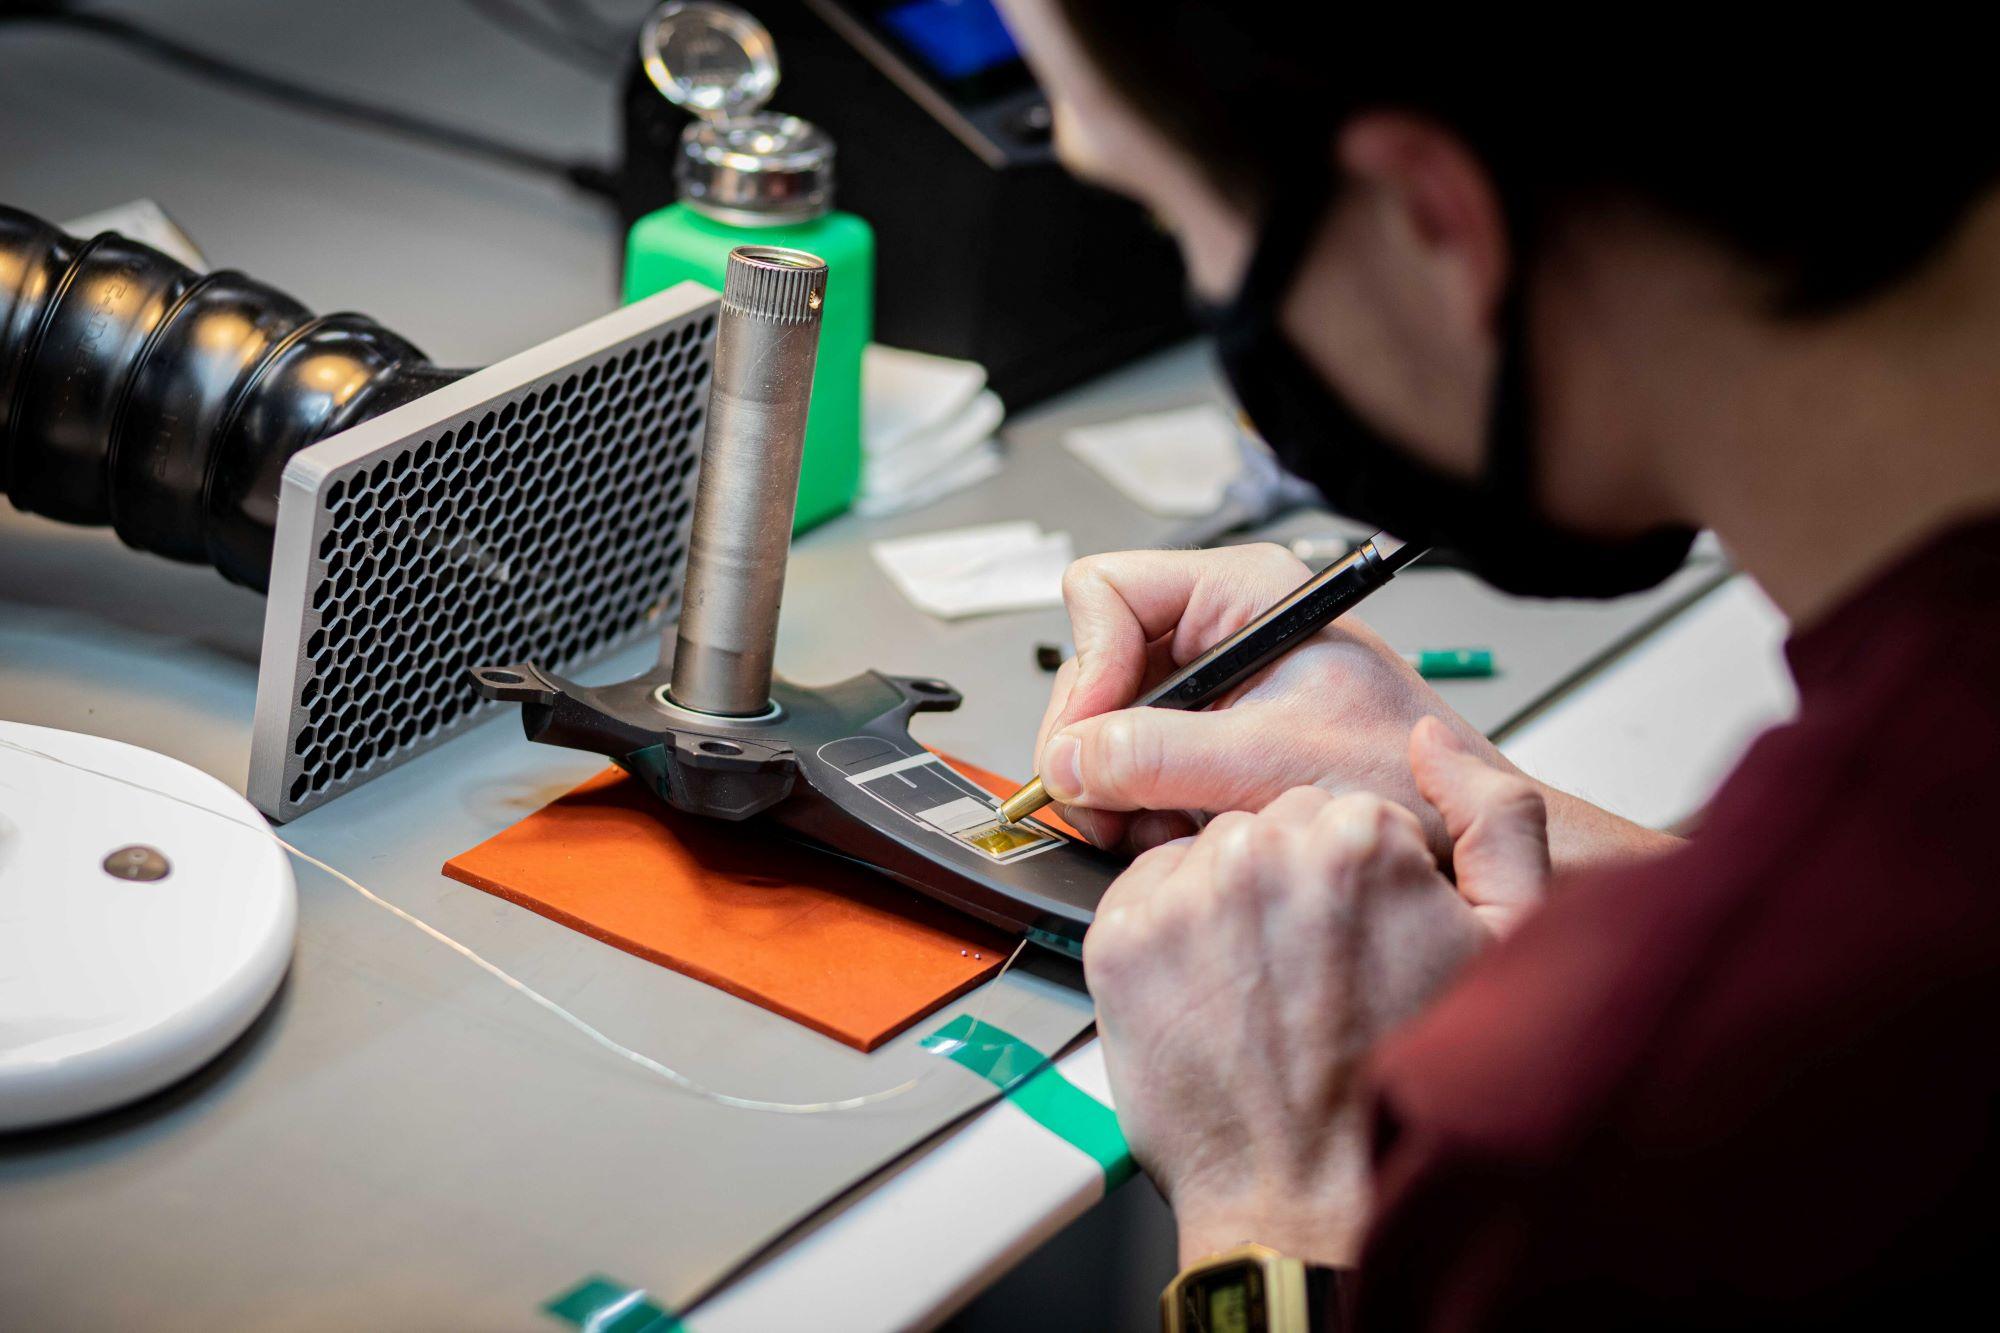 4iiii powermeter recycled shimano cranks